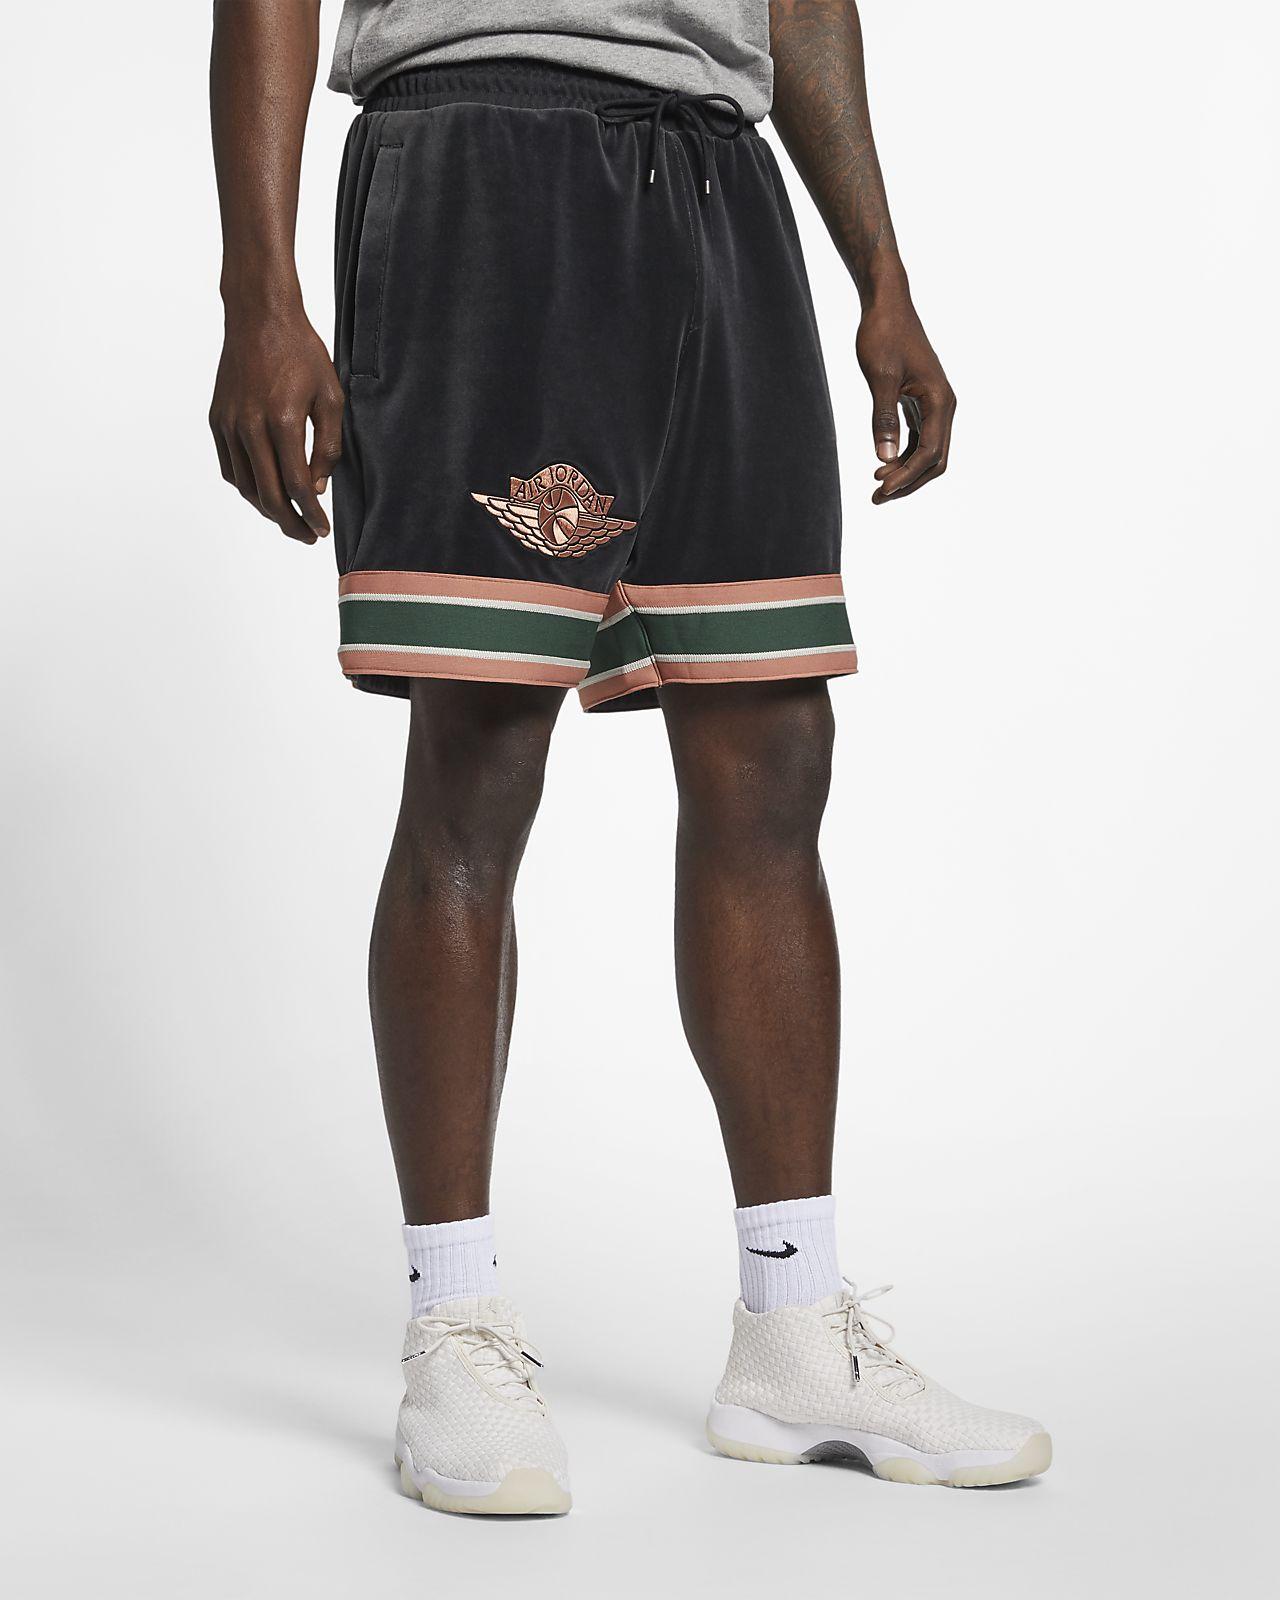 800530996e6 Jordan Gold Chain Men's Shorts. Nike.com